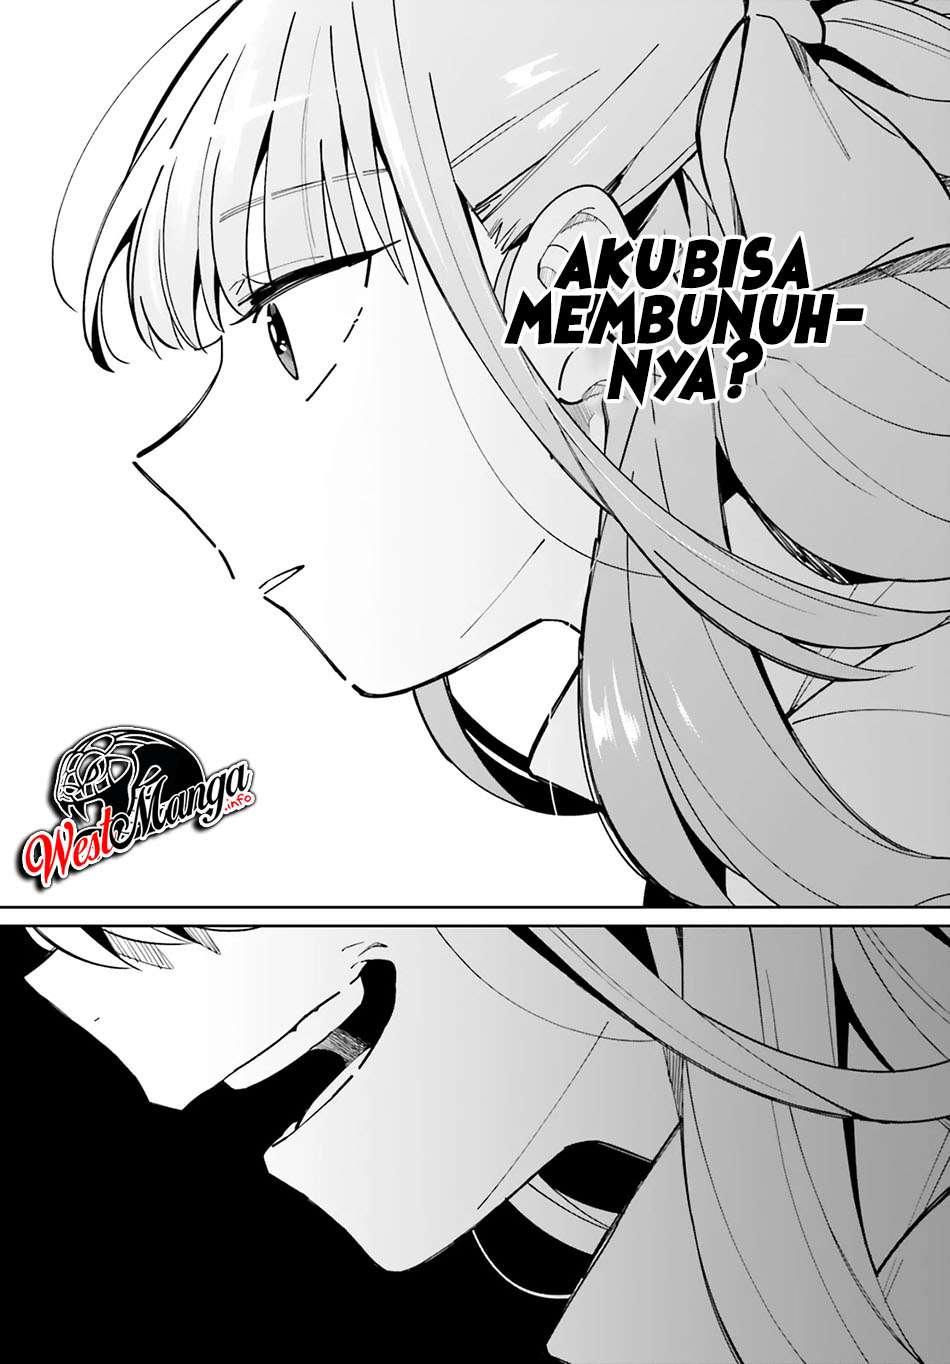 Kage No Eiyuu No Nichijou-tan Chapter 8